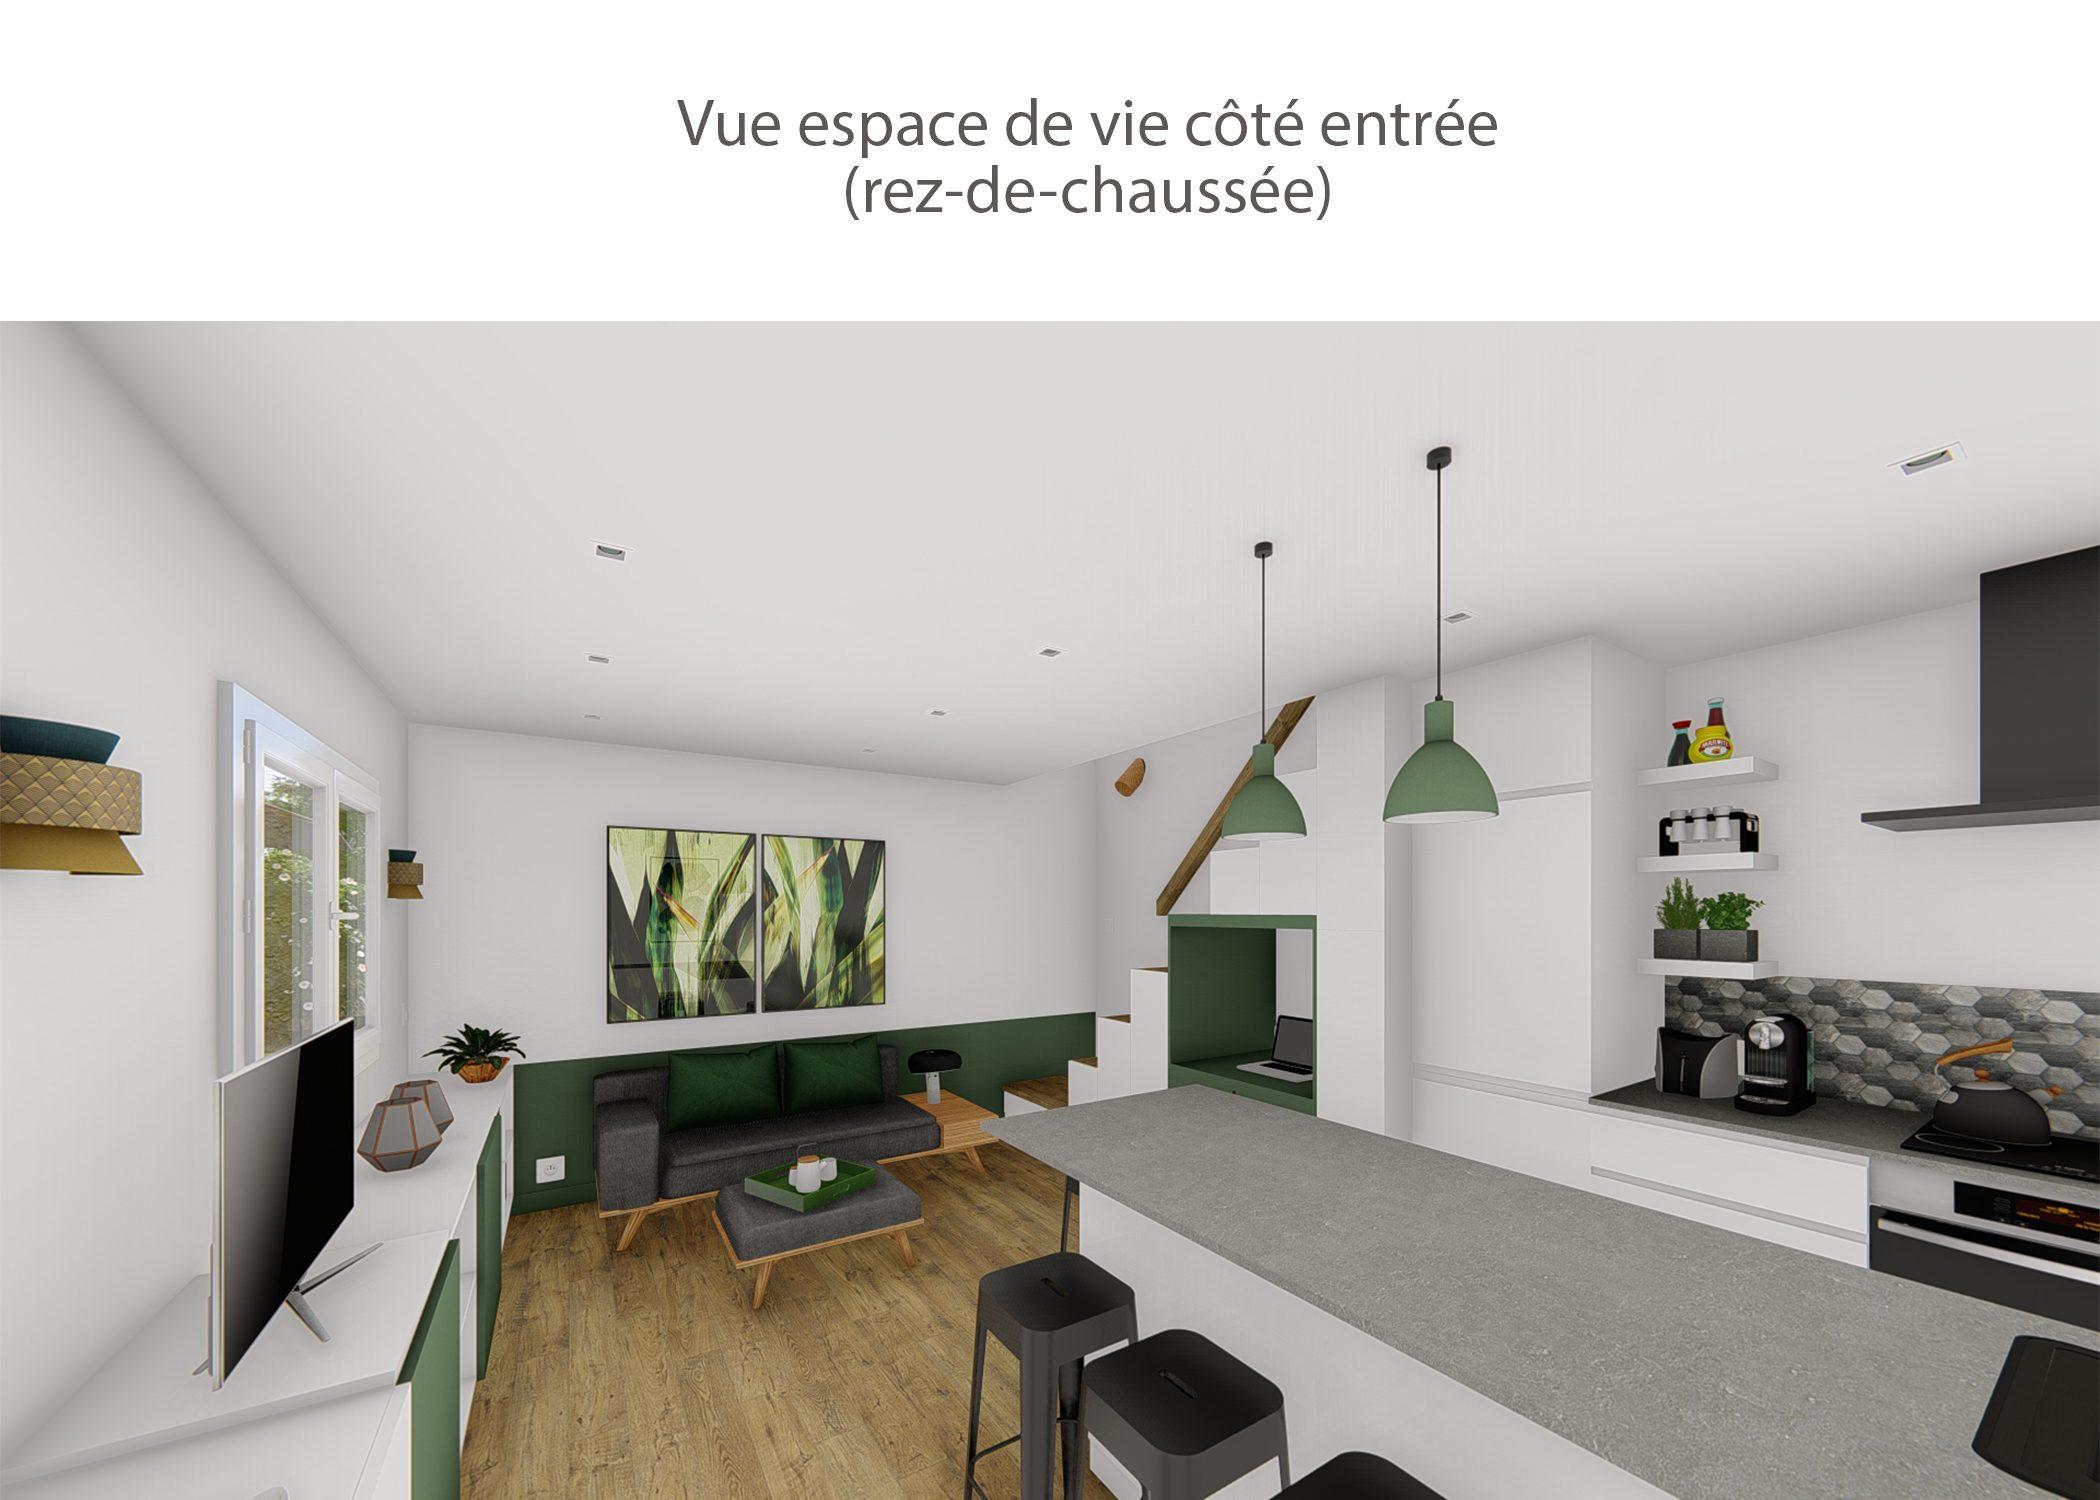 agencement petit espace-vue espace de vie cote entree-region lyonnaise-dekho design